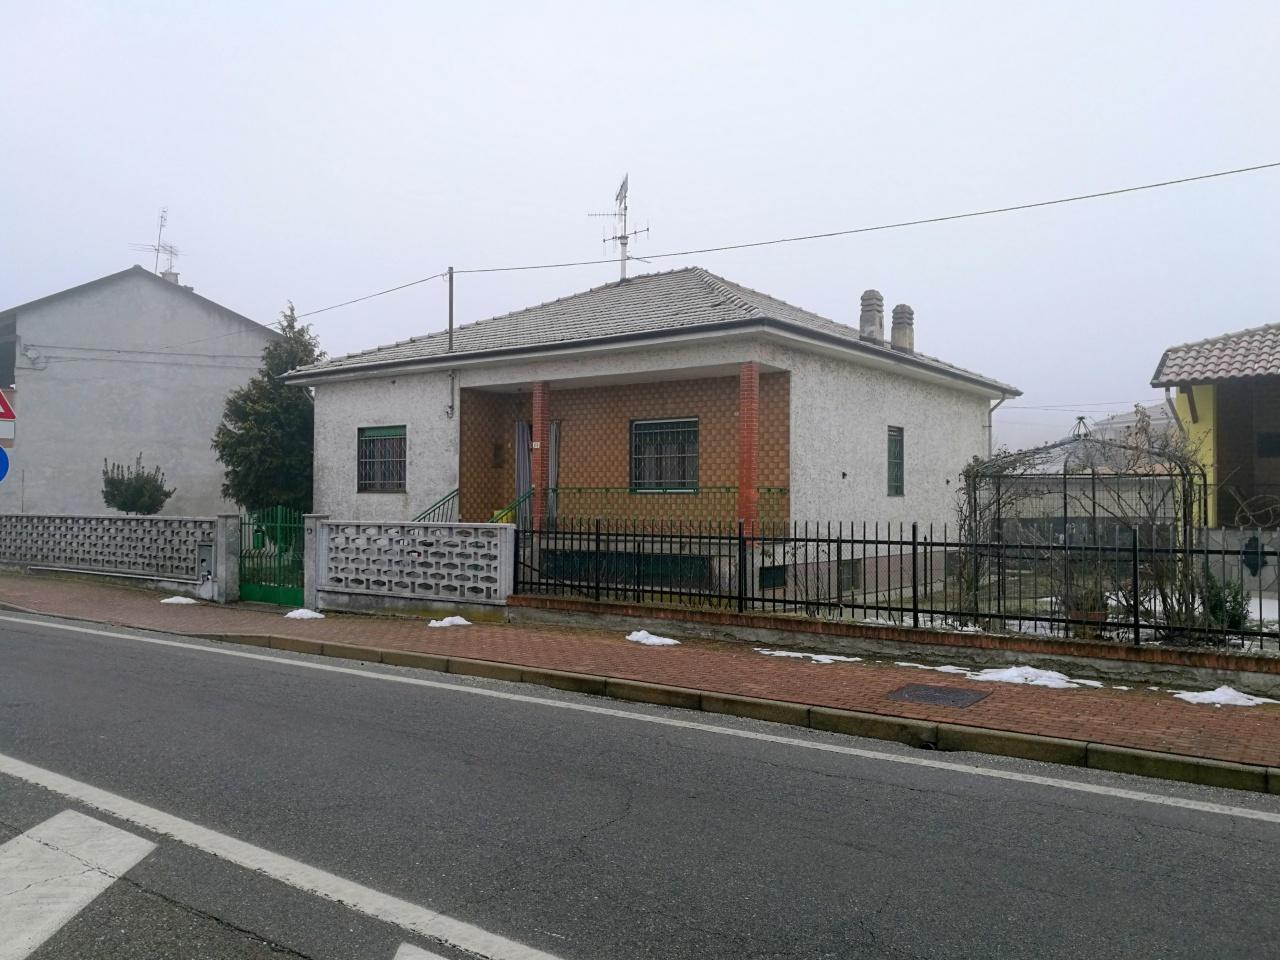 Foto 1 di Casa indipendente XX SETTEMBRE, Rondissone